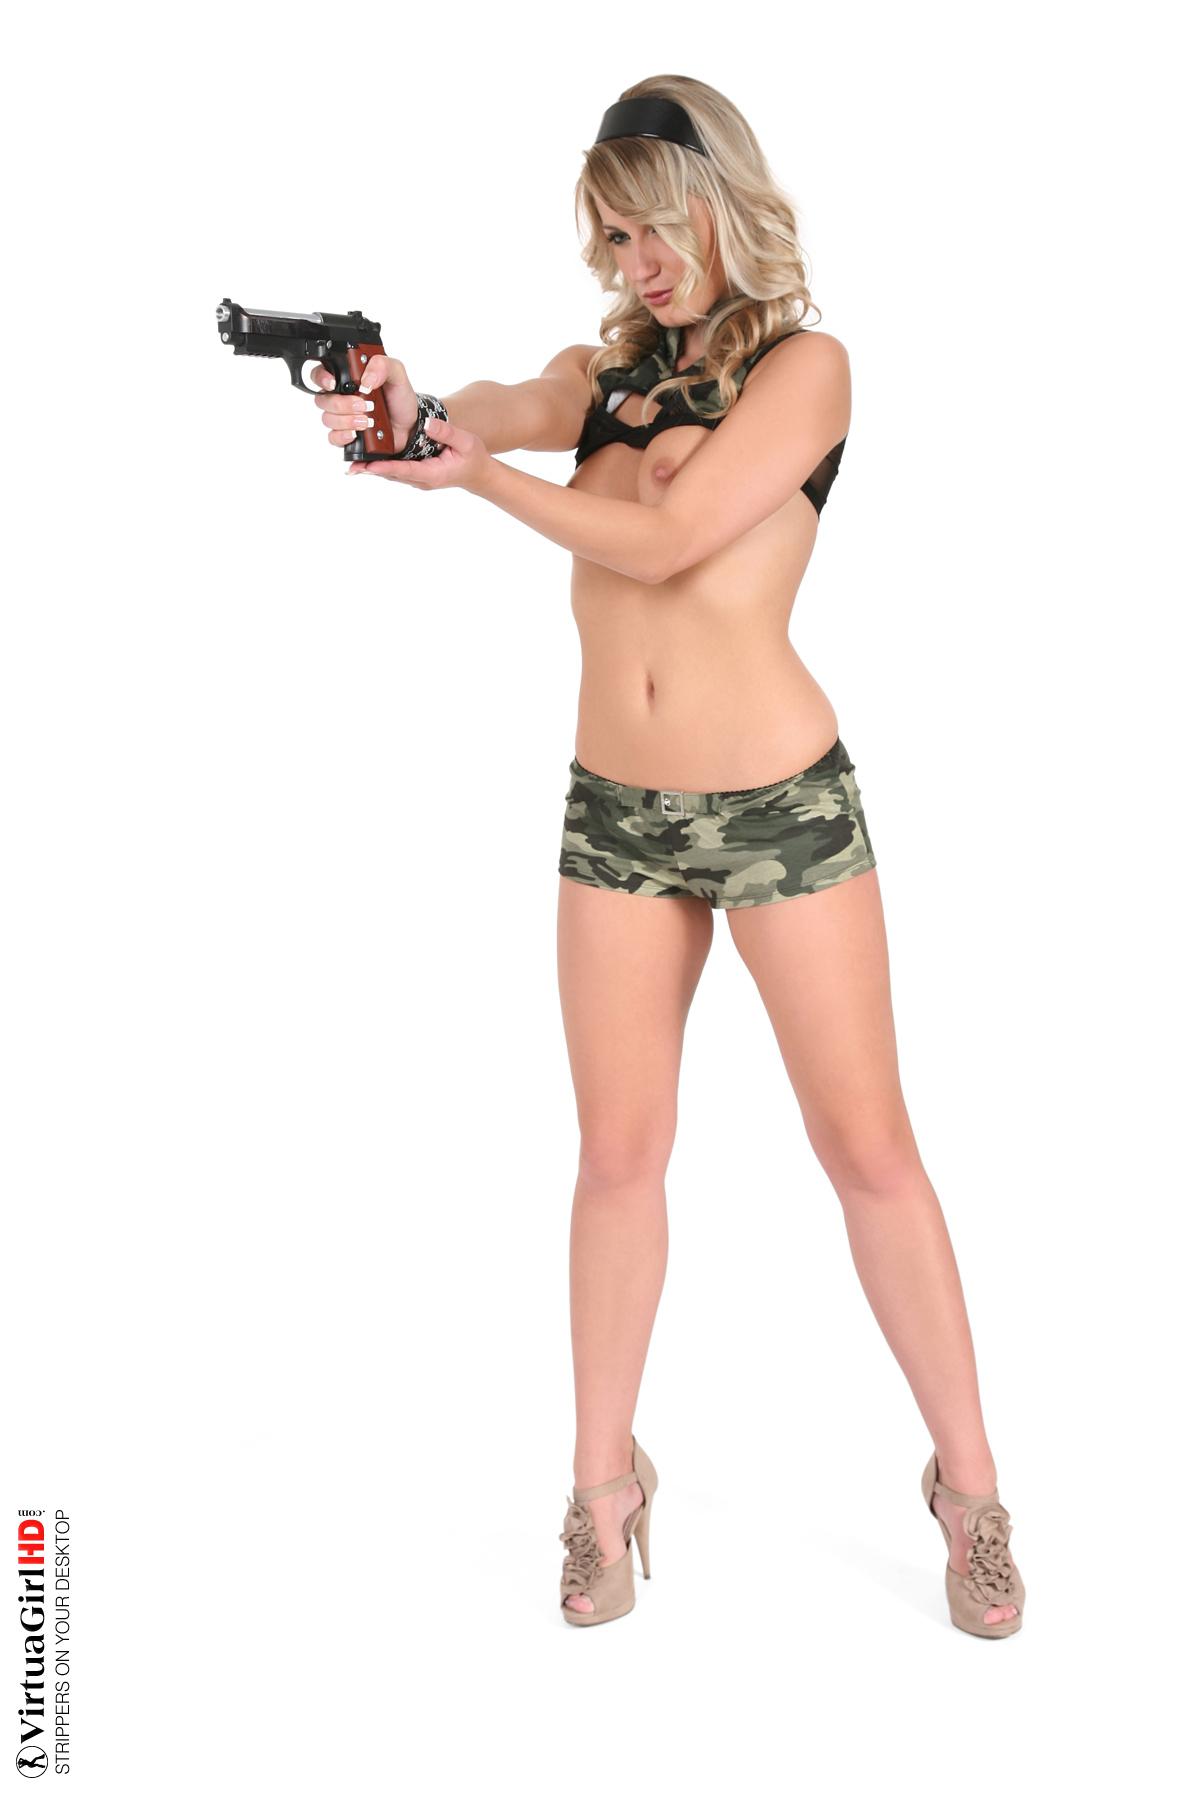 hot girls naked wallpaper